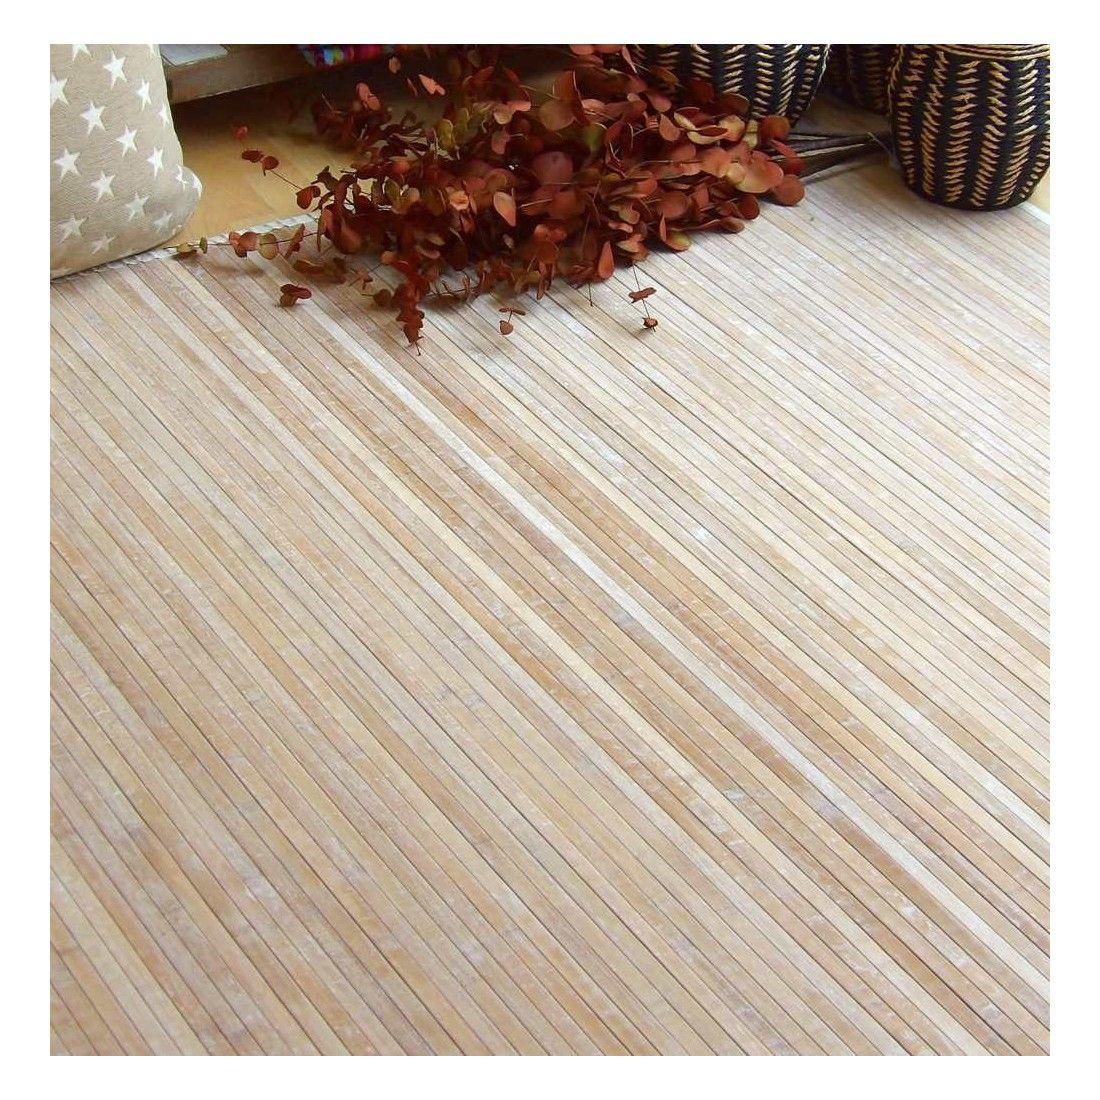 Alfombra de bambú para salón o dormitorio rosa y marrón